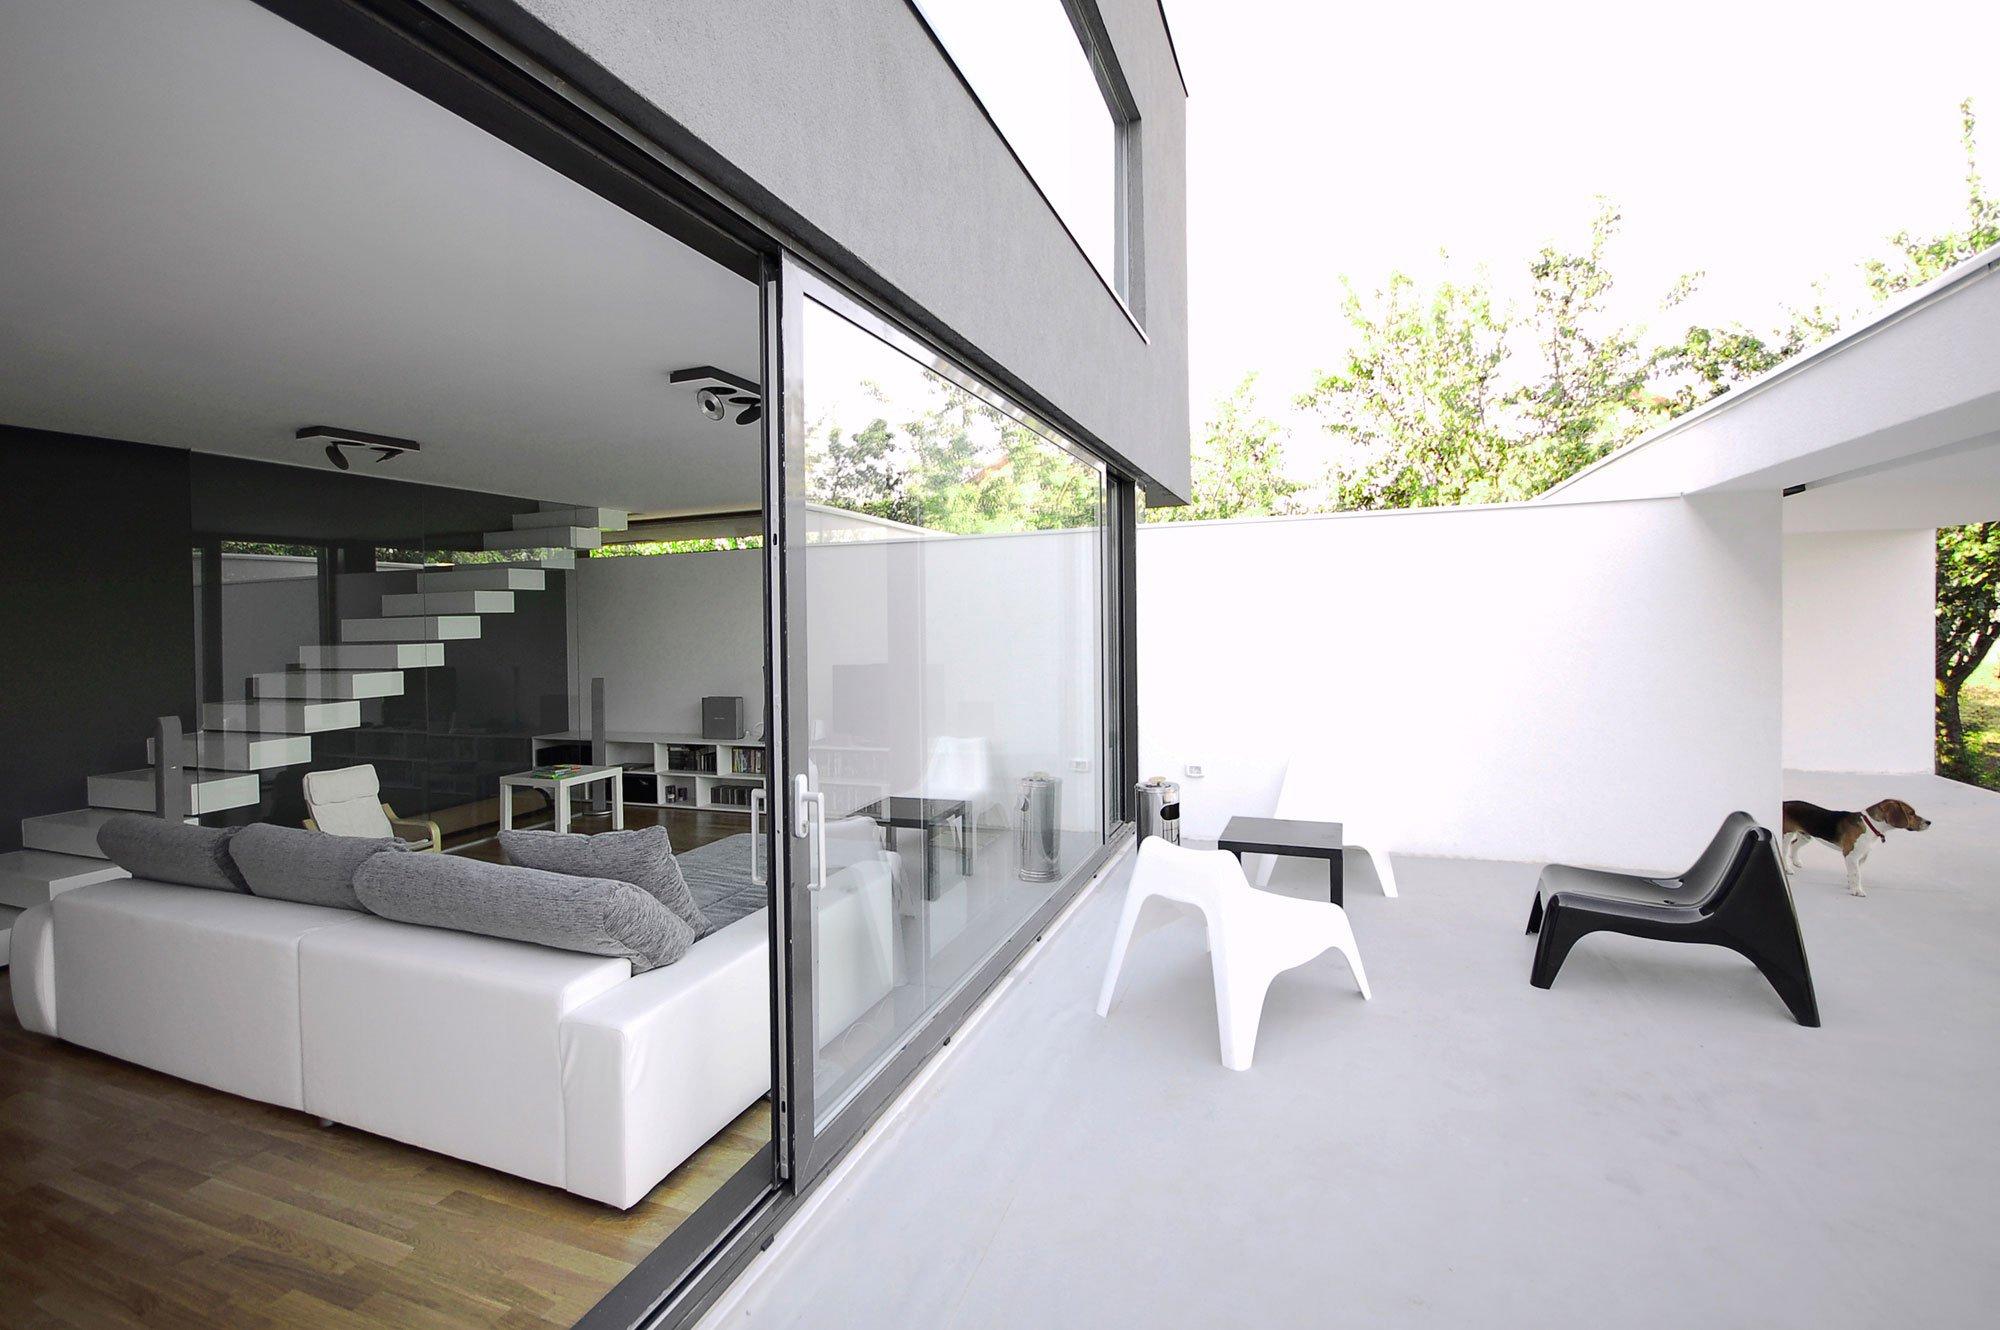 Dise o de casa moderna de dos plantas for Disenos de salas modernas